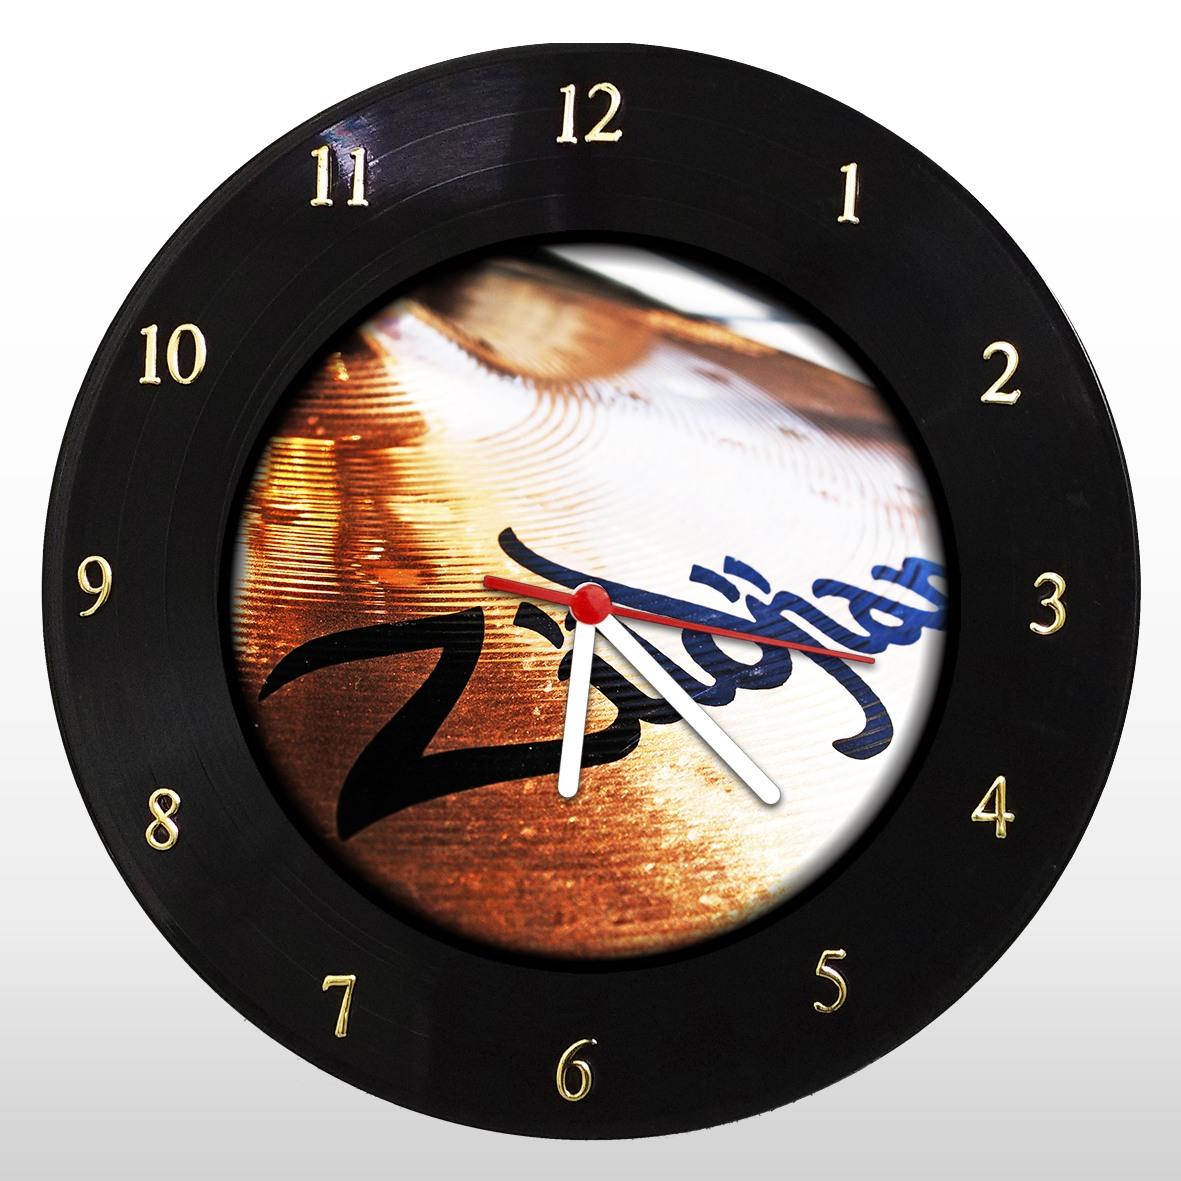 Zildjian - Relógio de Parede em Disco de Vinil - Mr. Rock